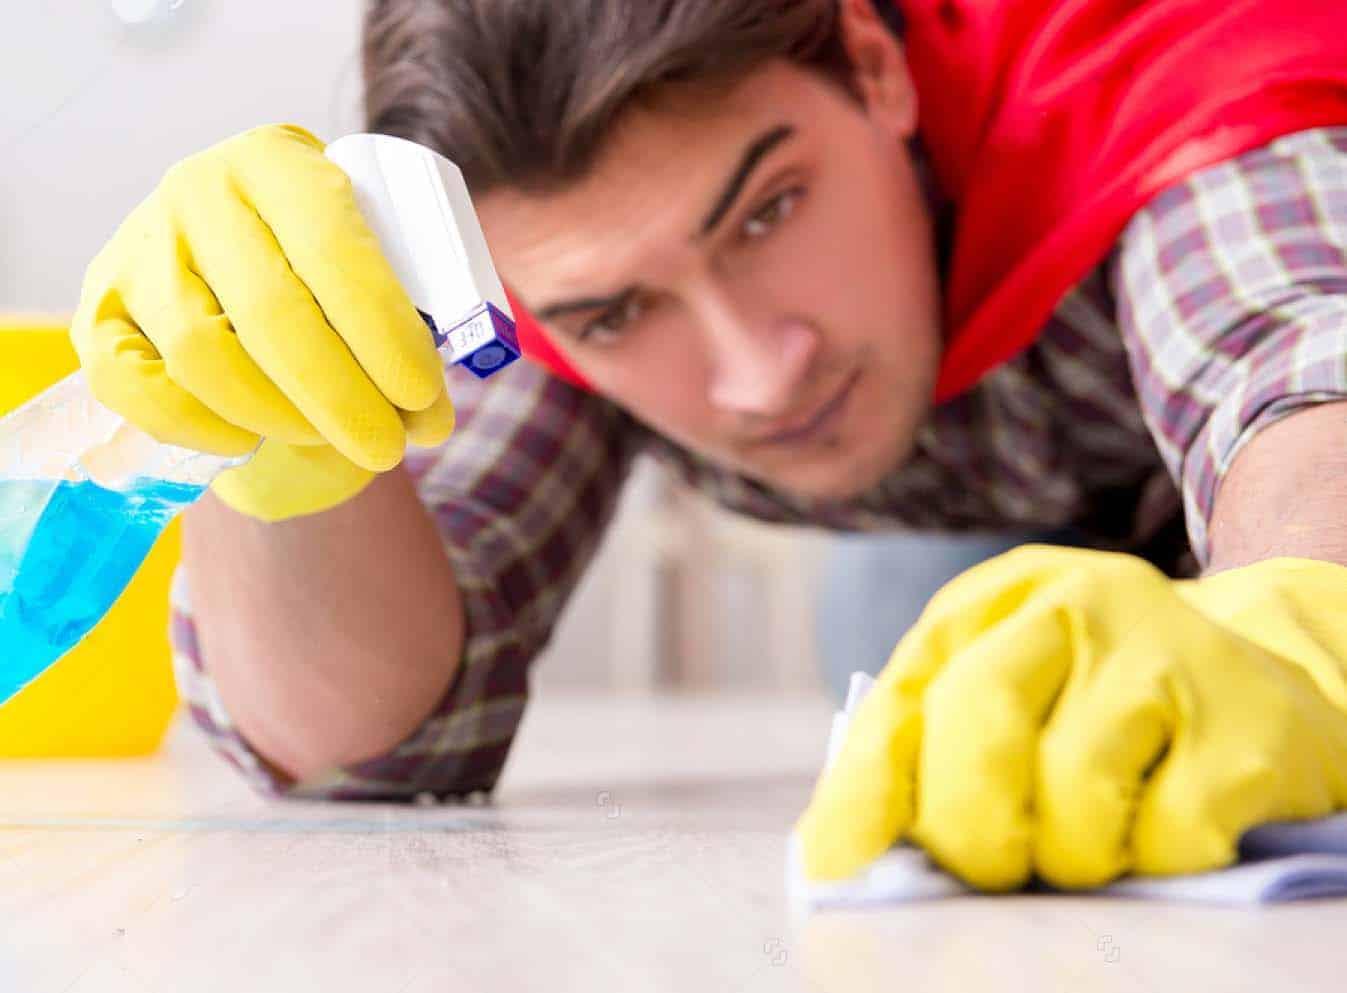 Ammattimainen siivousjälki